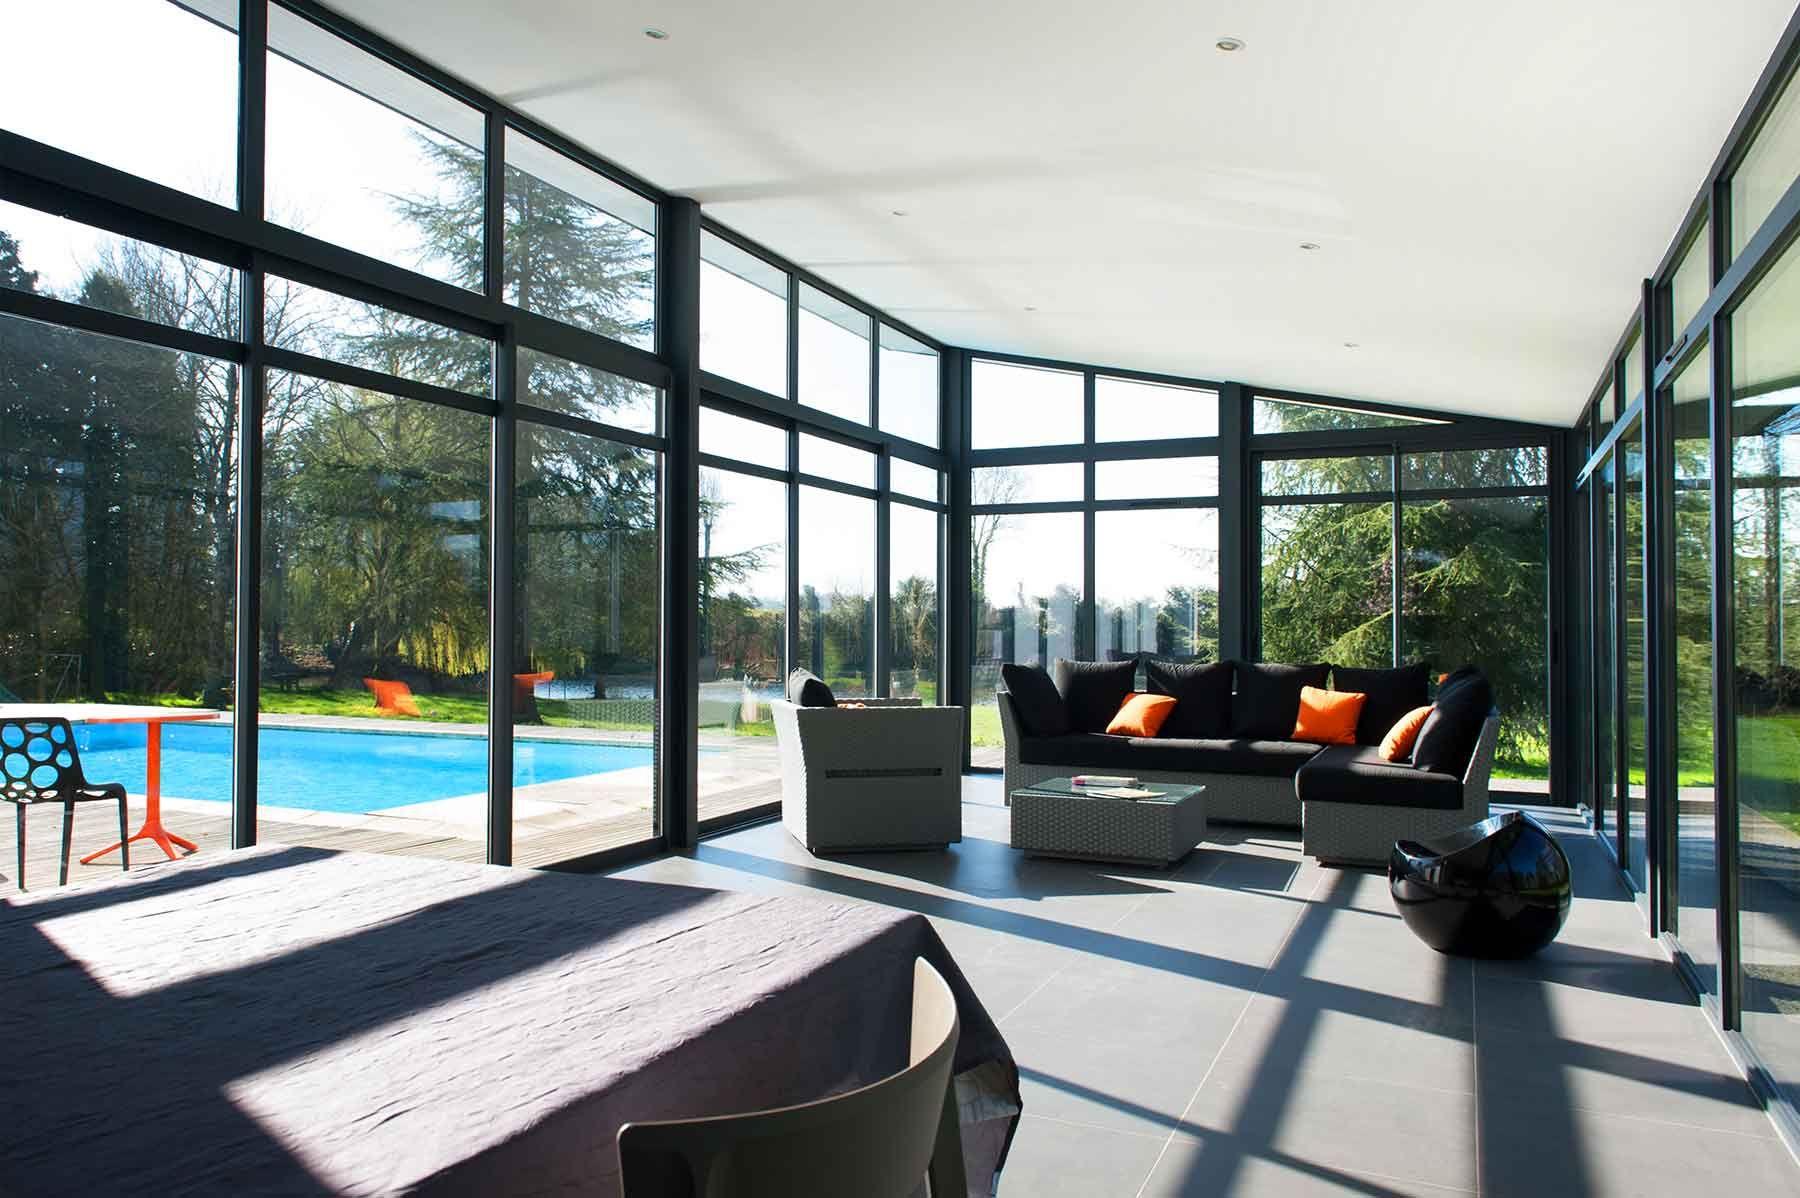 Extension maison vitrée en aluminium www.verandaline.com ...